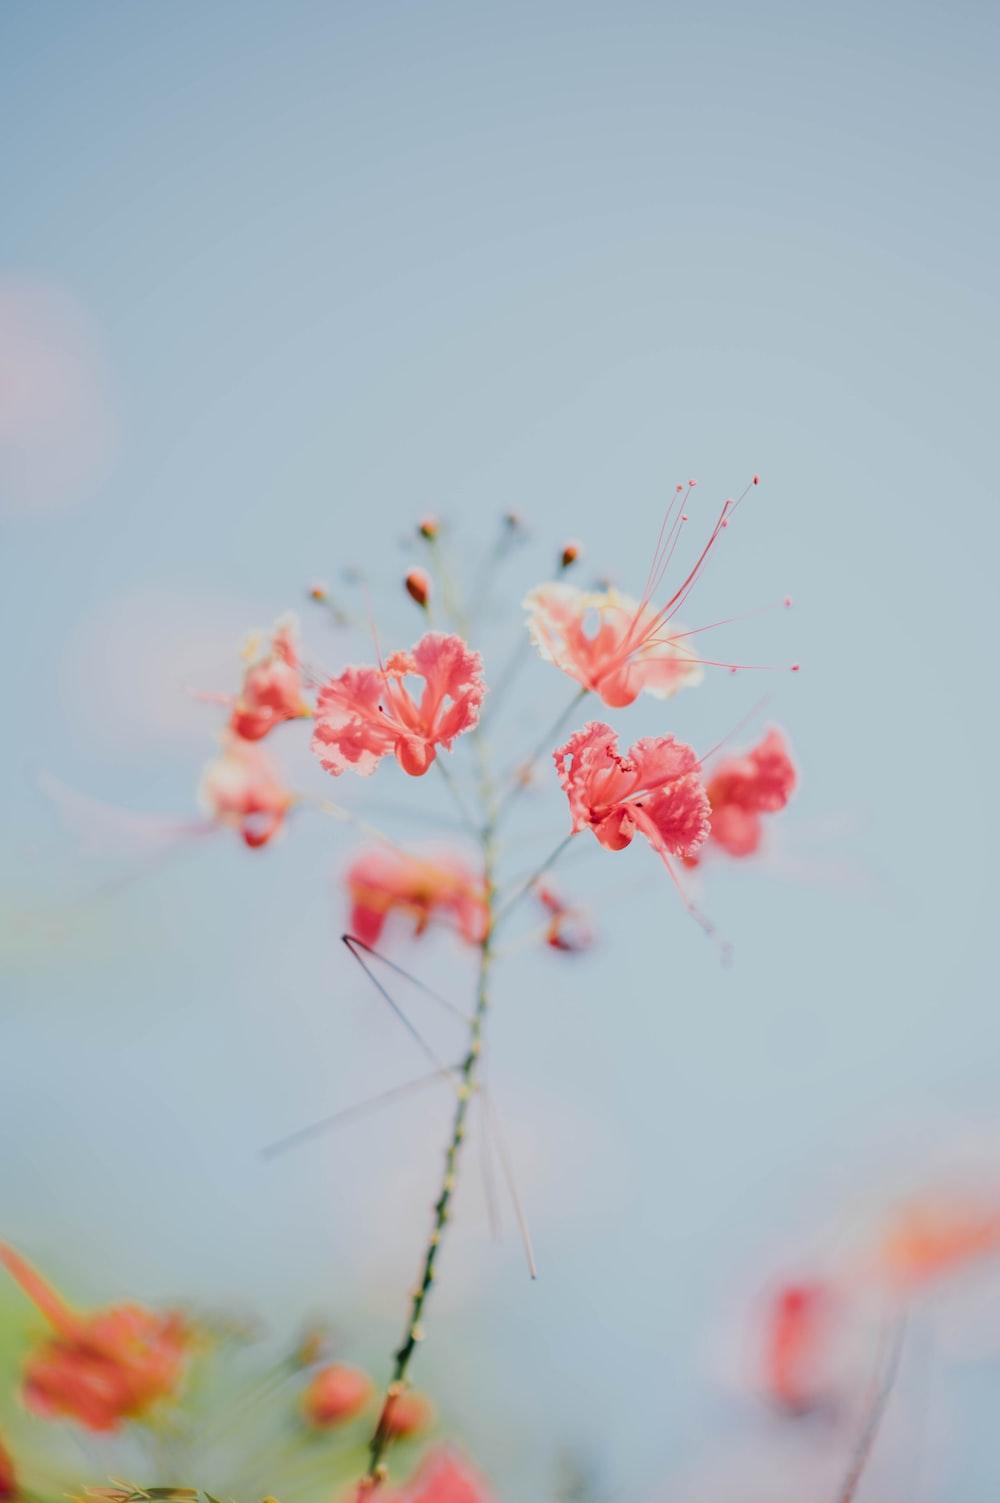 pink petaledflower